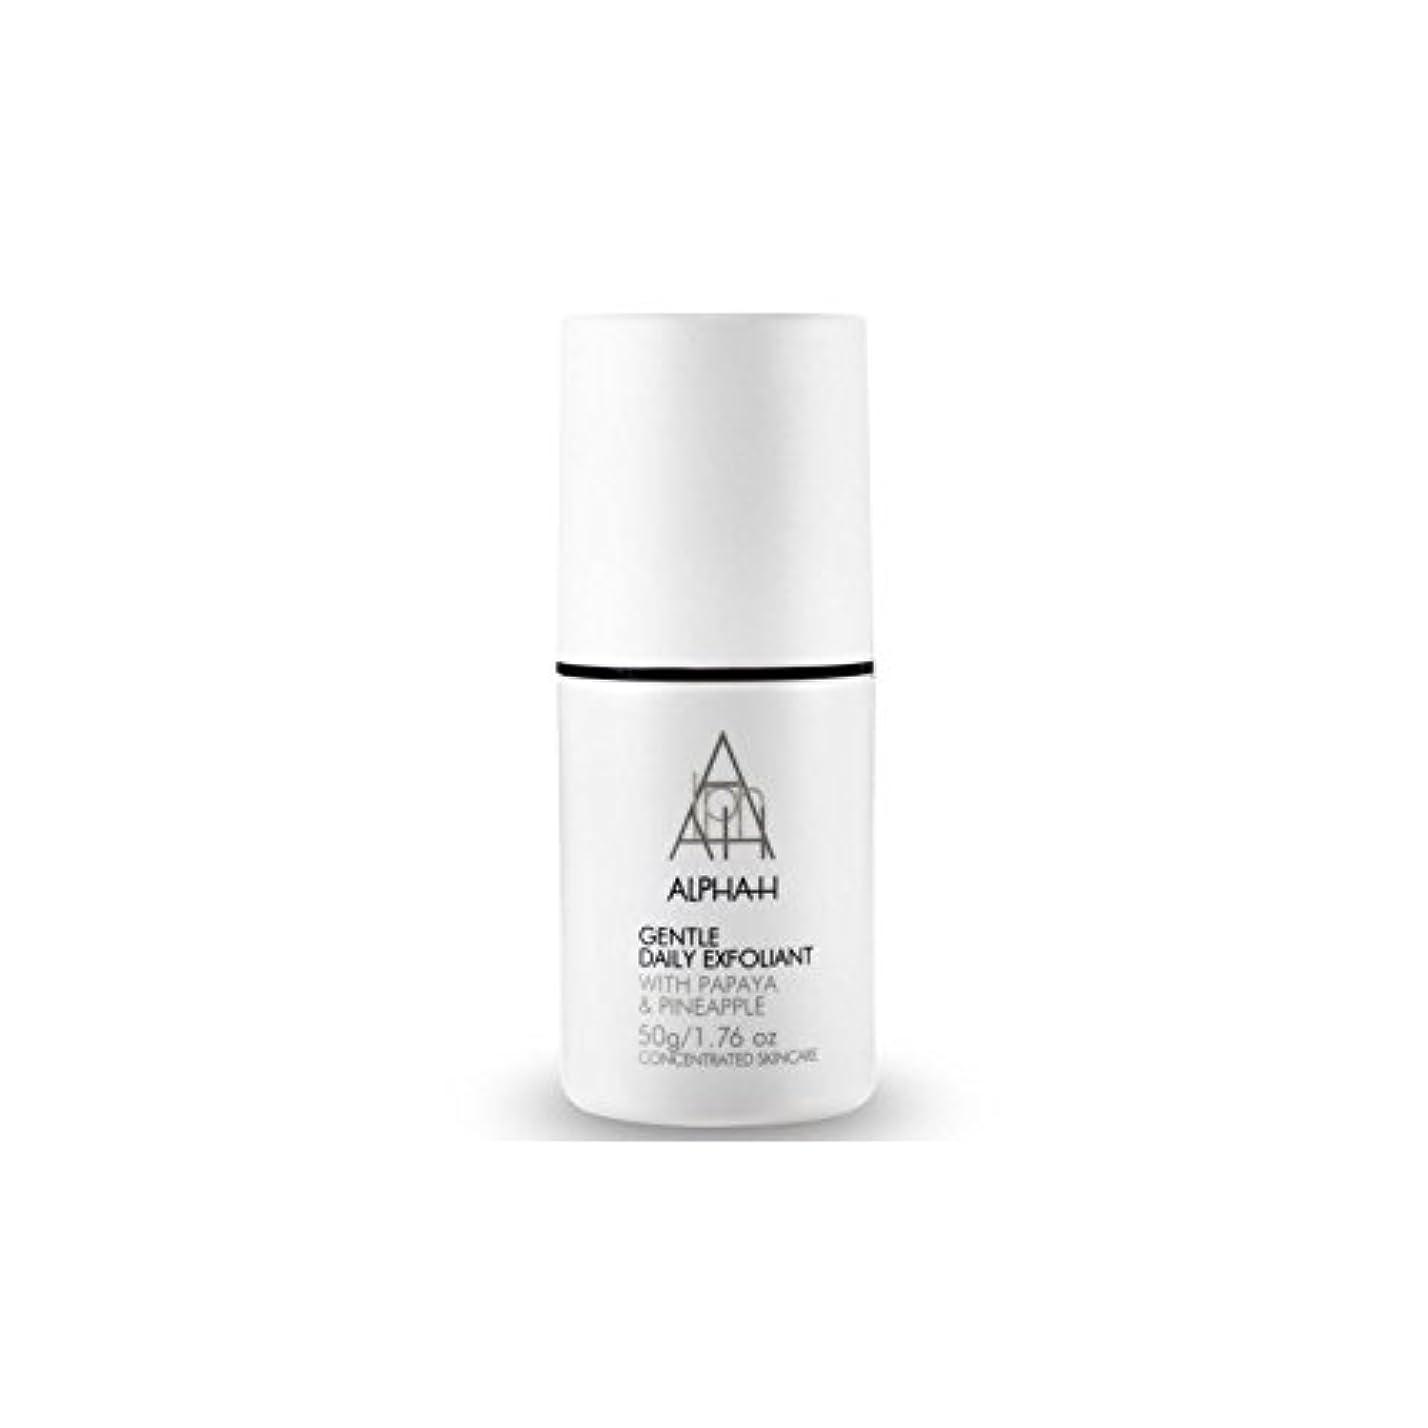 アルファ - 時間穏やか毎日の角質(50グラム) x4 - Alpha-H Gentle Daily Exfoliant (50G) (Pack of 4) [並行輸入品]